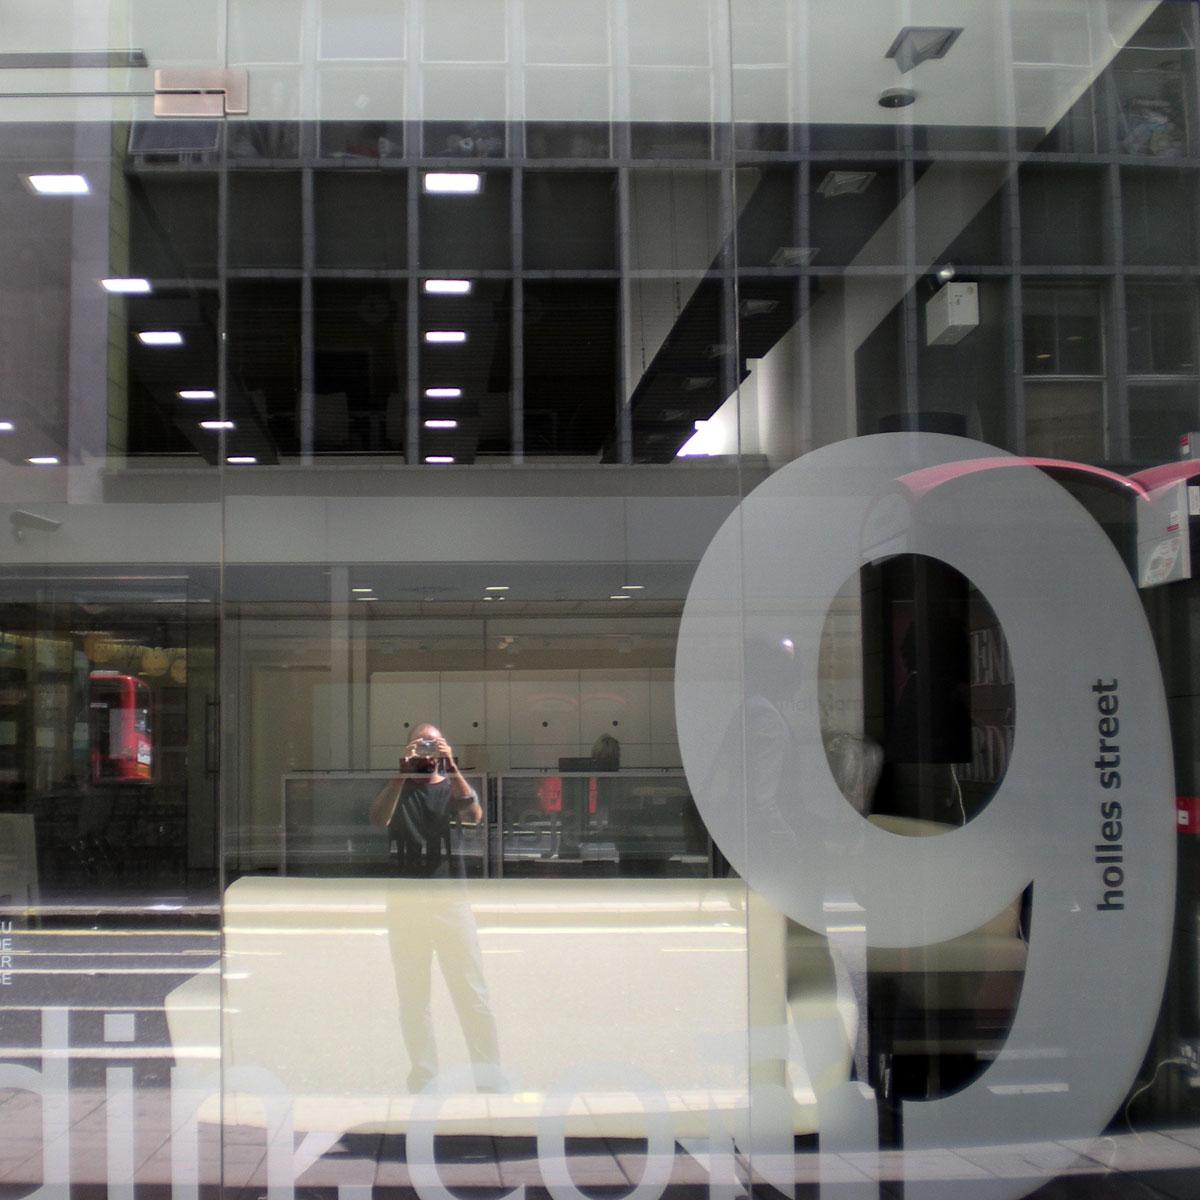 Diseño Gráfico a Fachada de Tienda en Londres por GP Creative Thinking